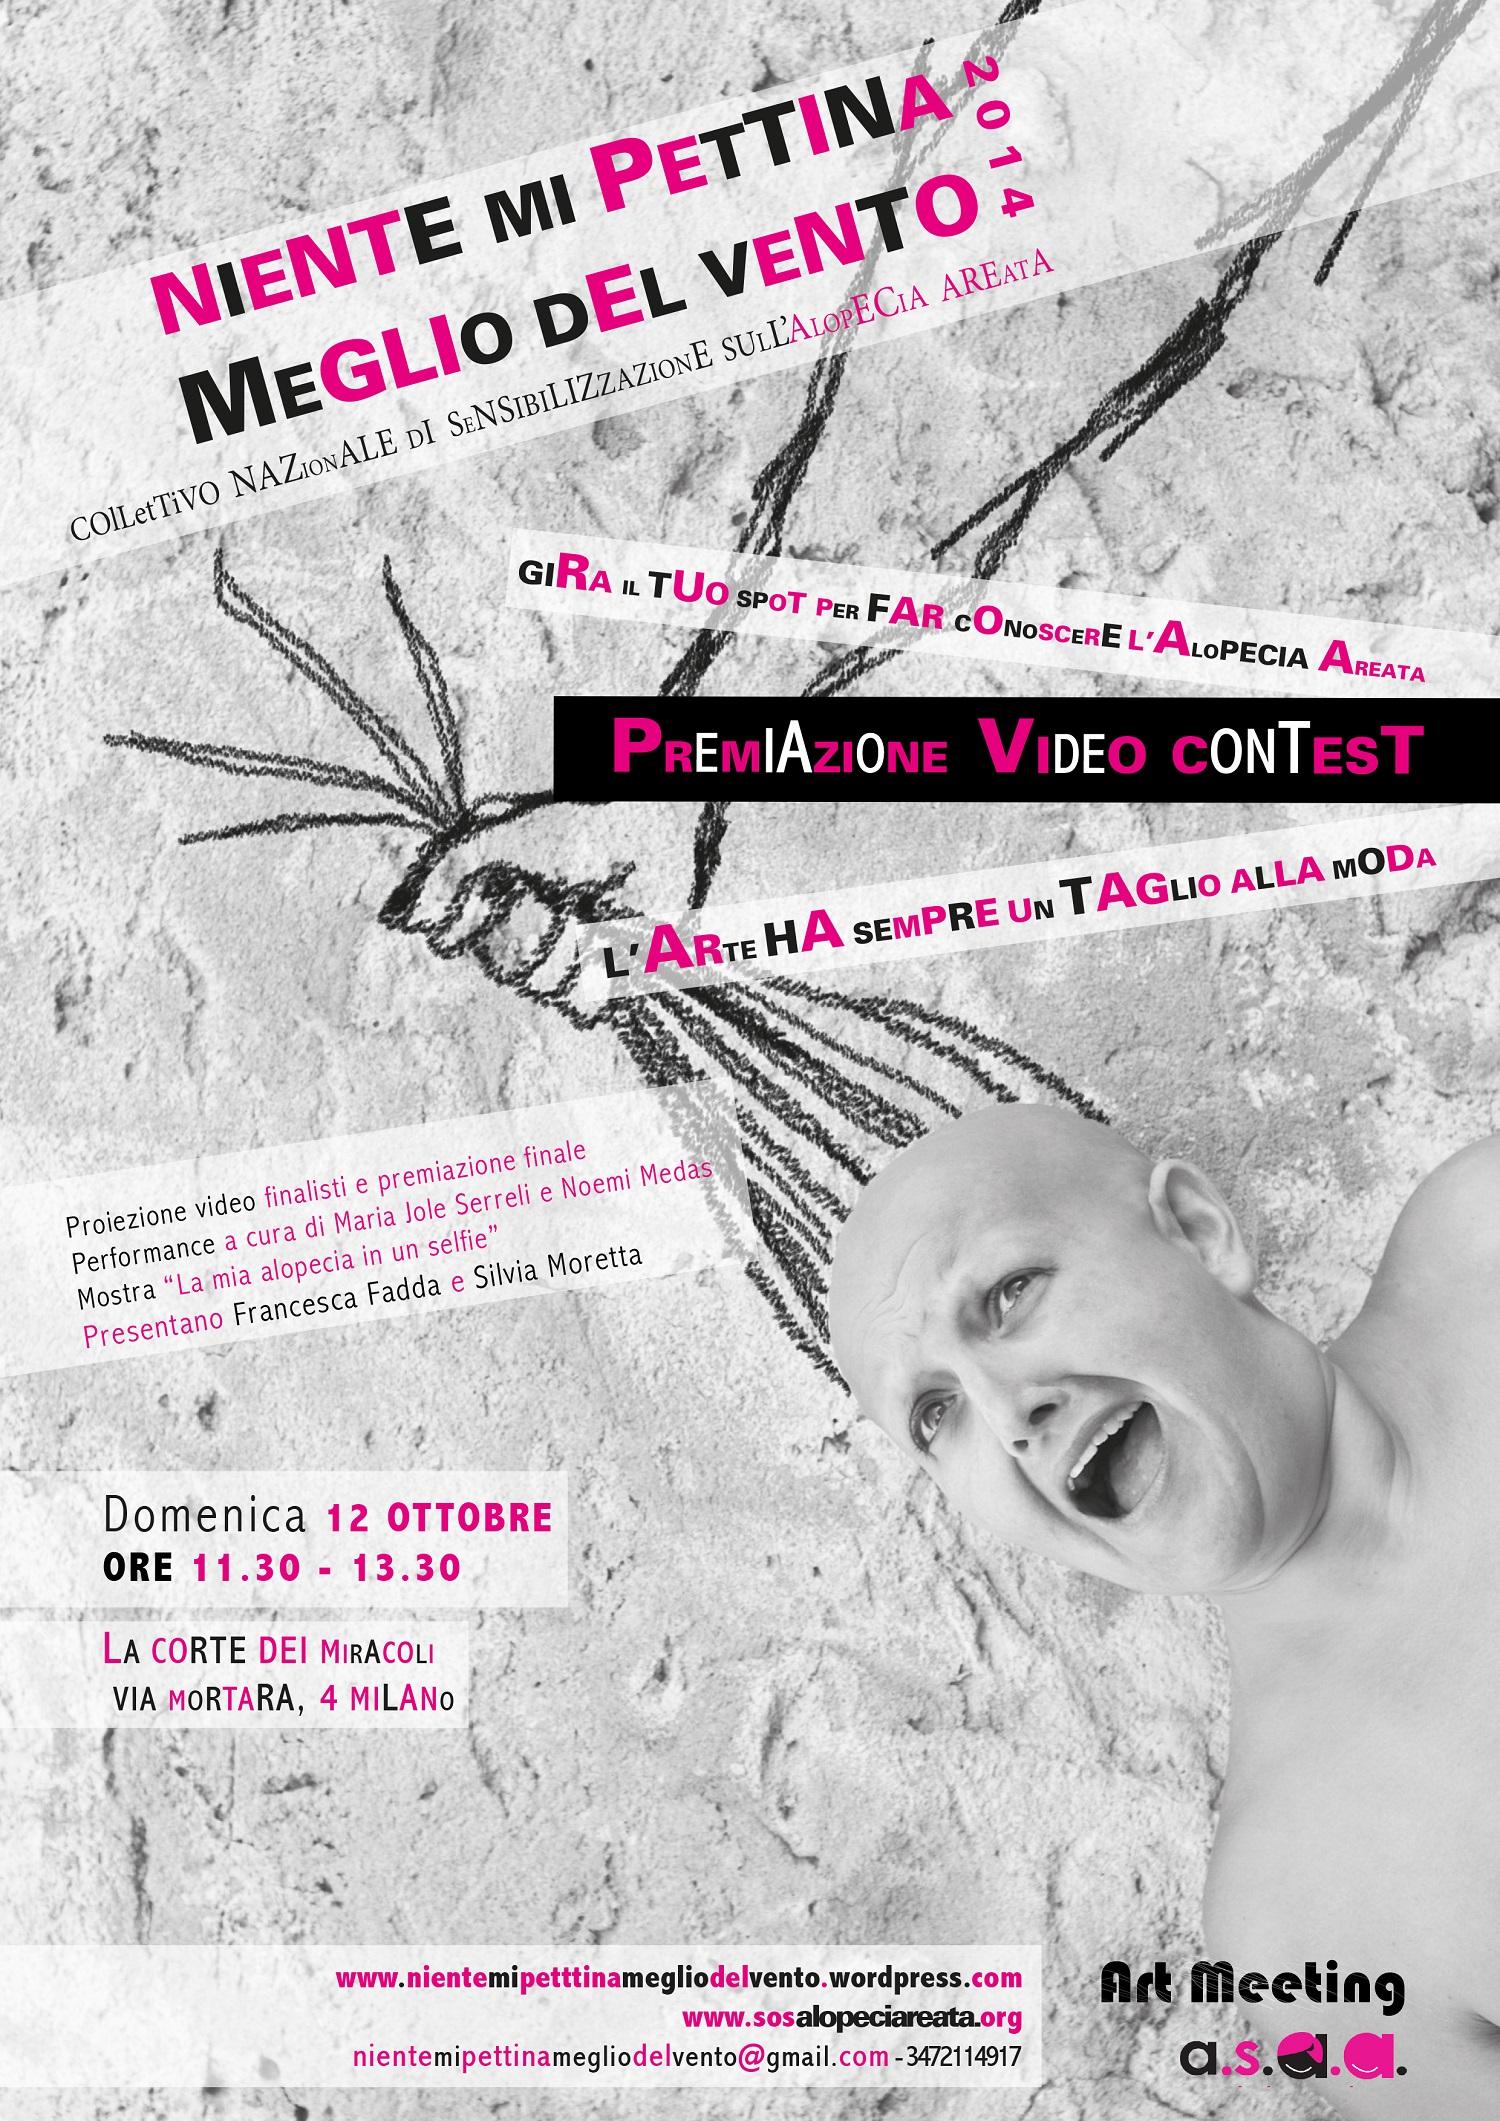 """Le premiazioni del Contest """"Niente mi pettina meglio del vento 2014"""", domenica 12 ottobre, Milano"""